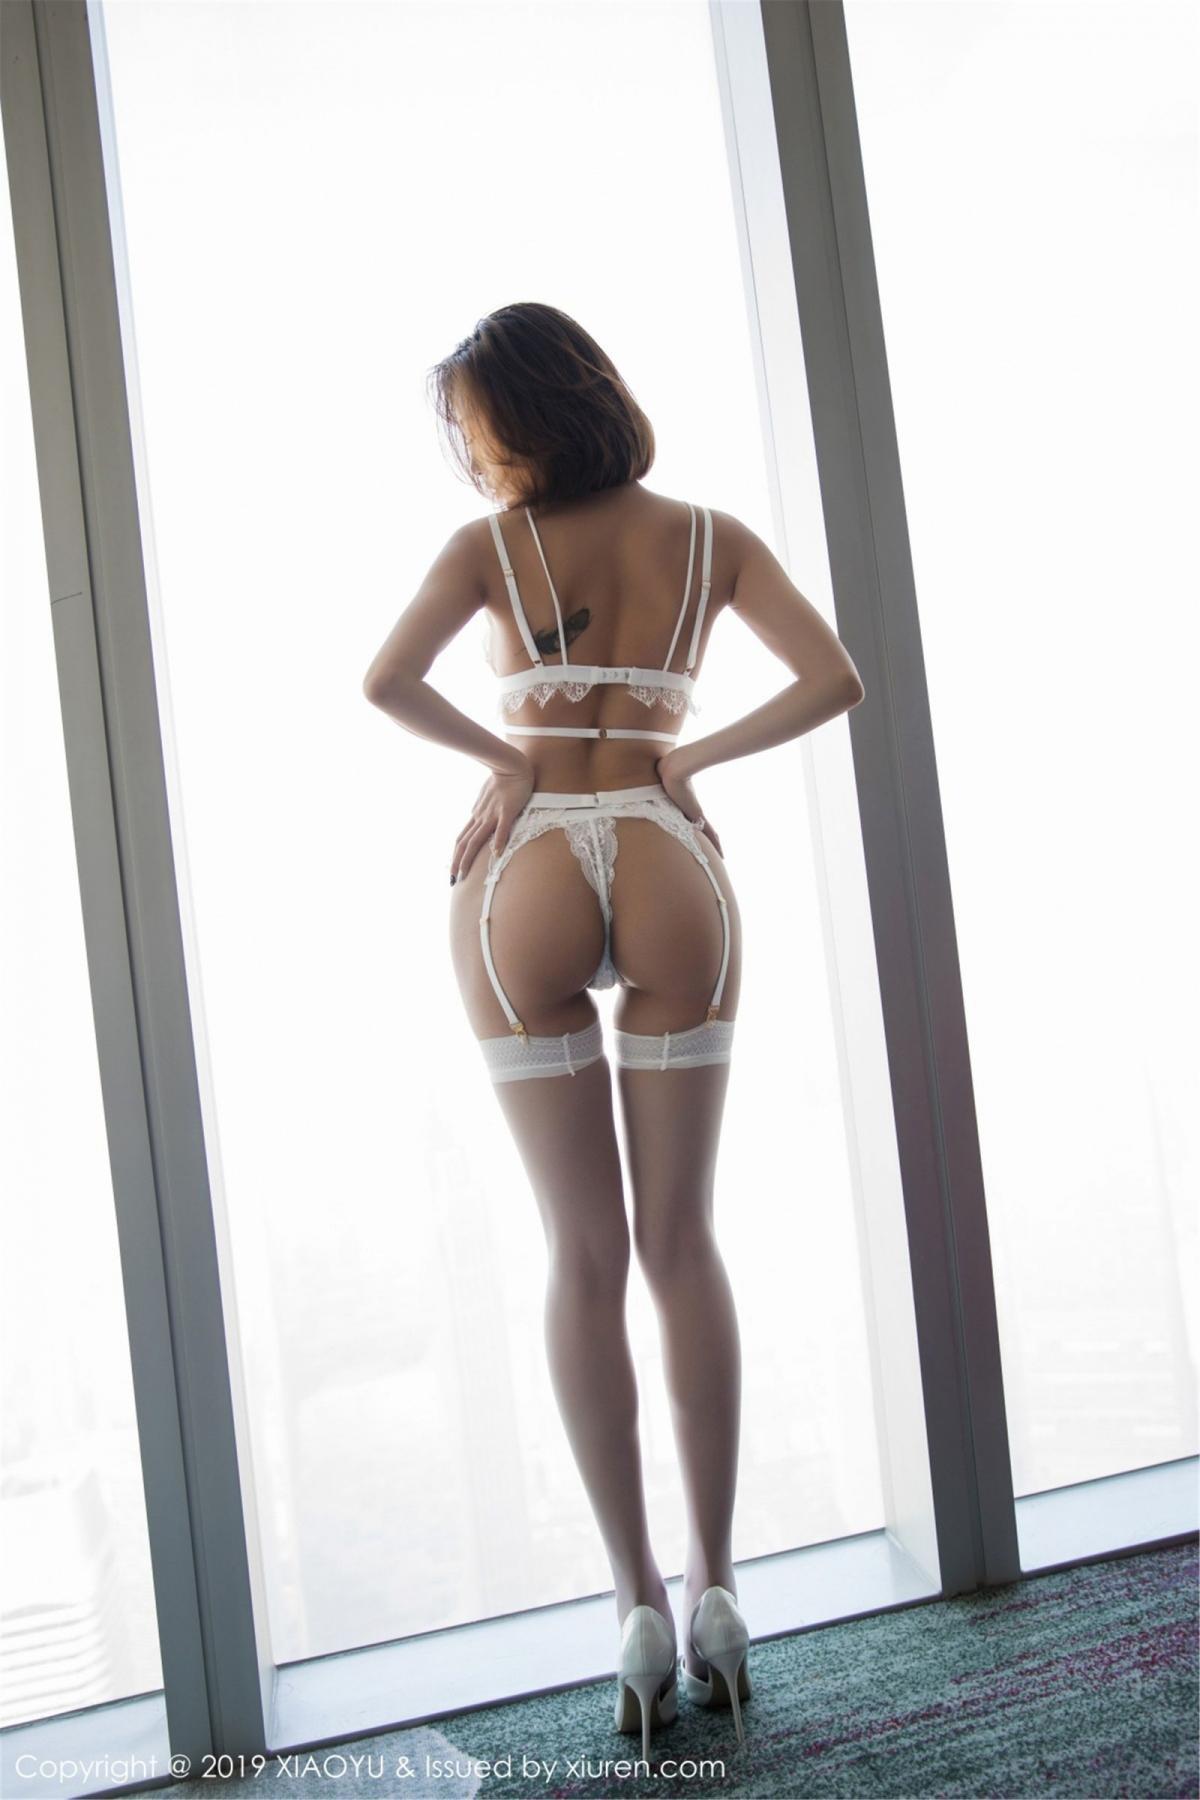 [XiaoYu] Vol.053 Lris 23P, Feng Mu Mu, Tall, Underwear, XiaoYu